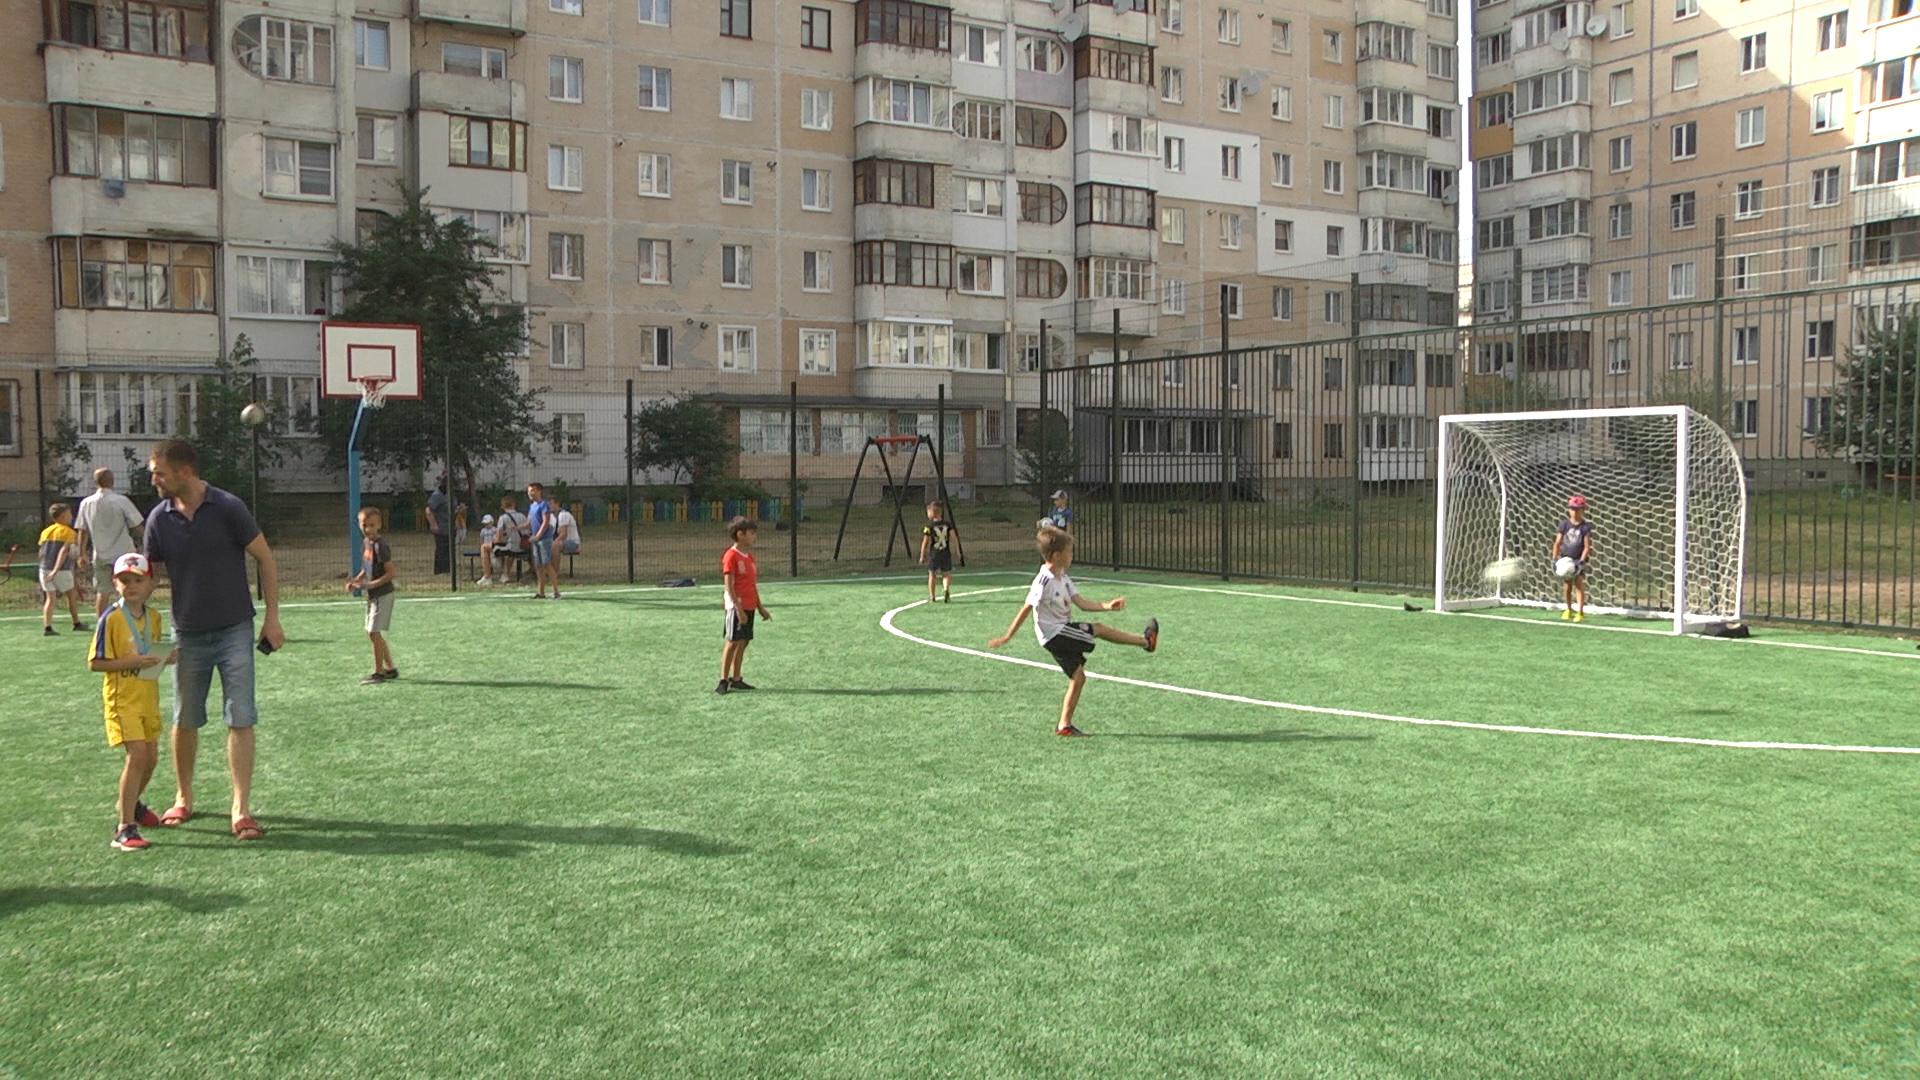 Спорт для дітей і дорослих: універсальний спортивний майданчик відкрили на вул. Київська